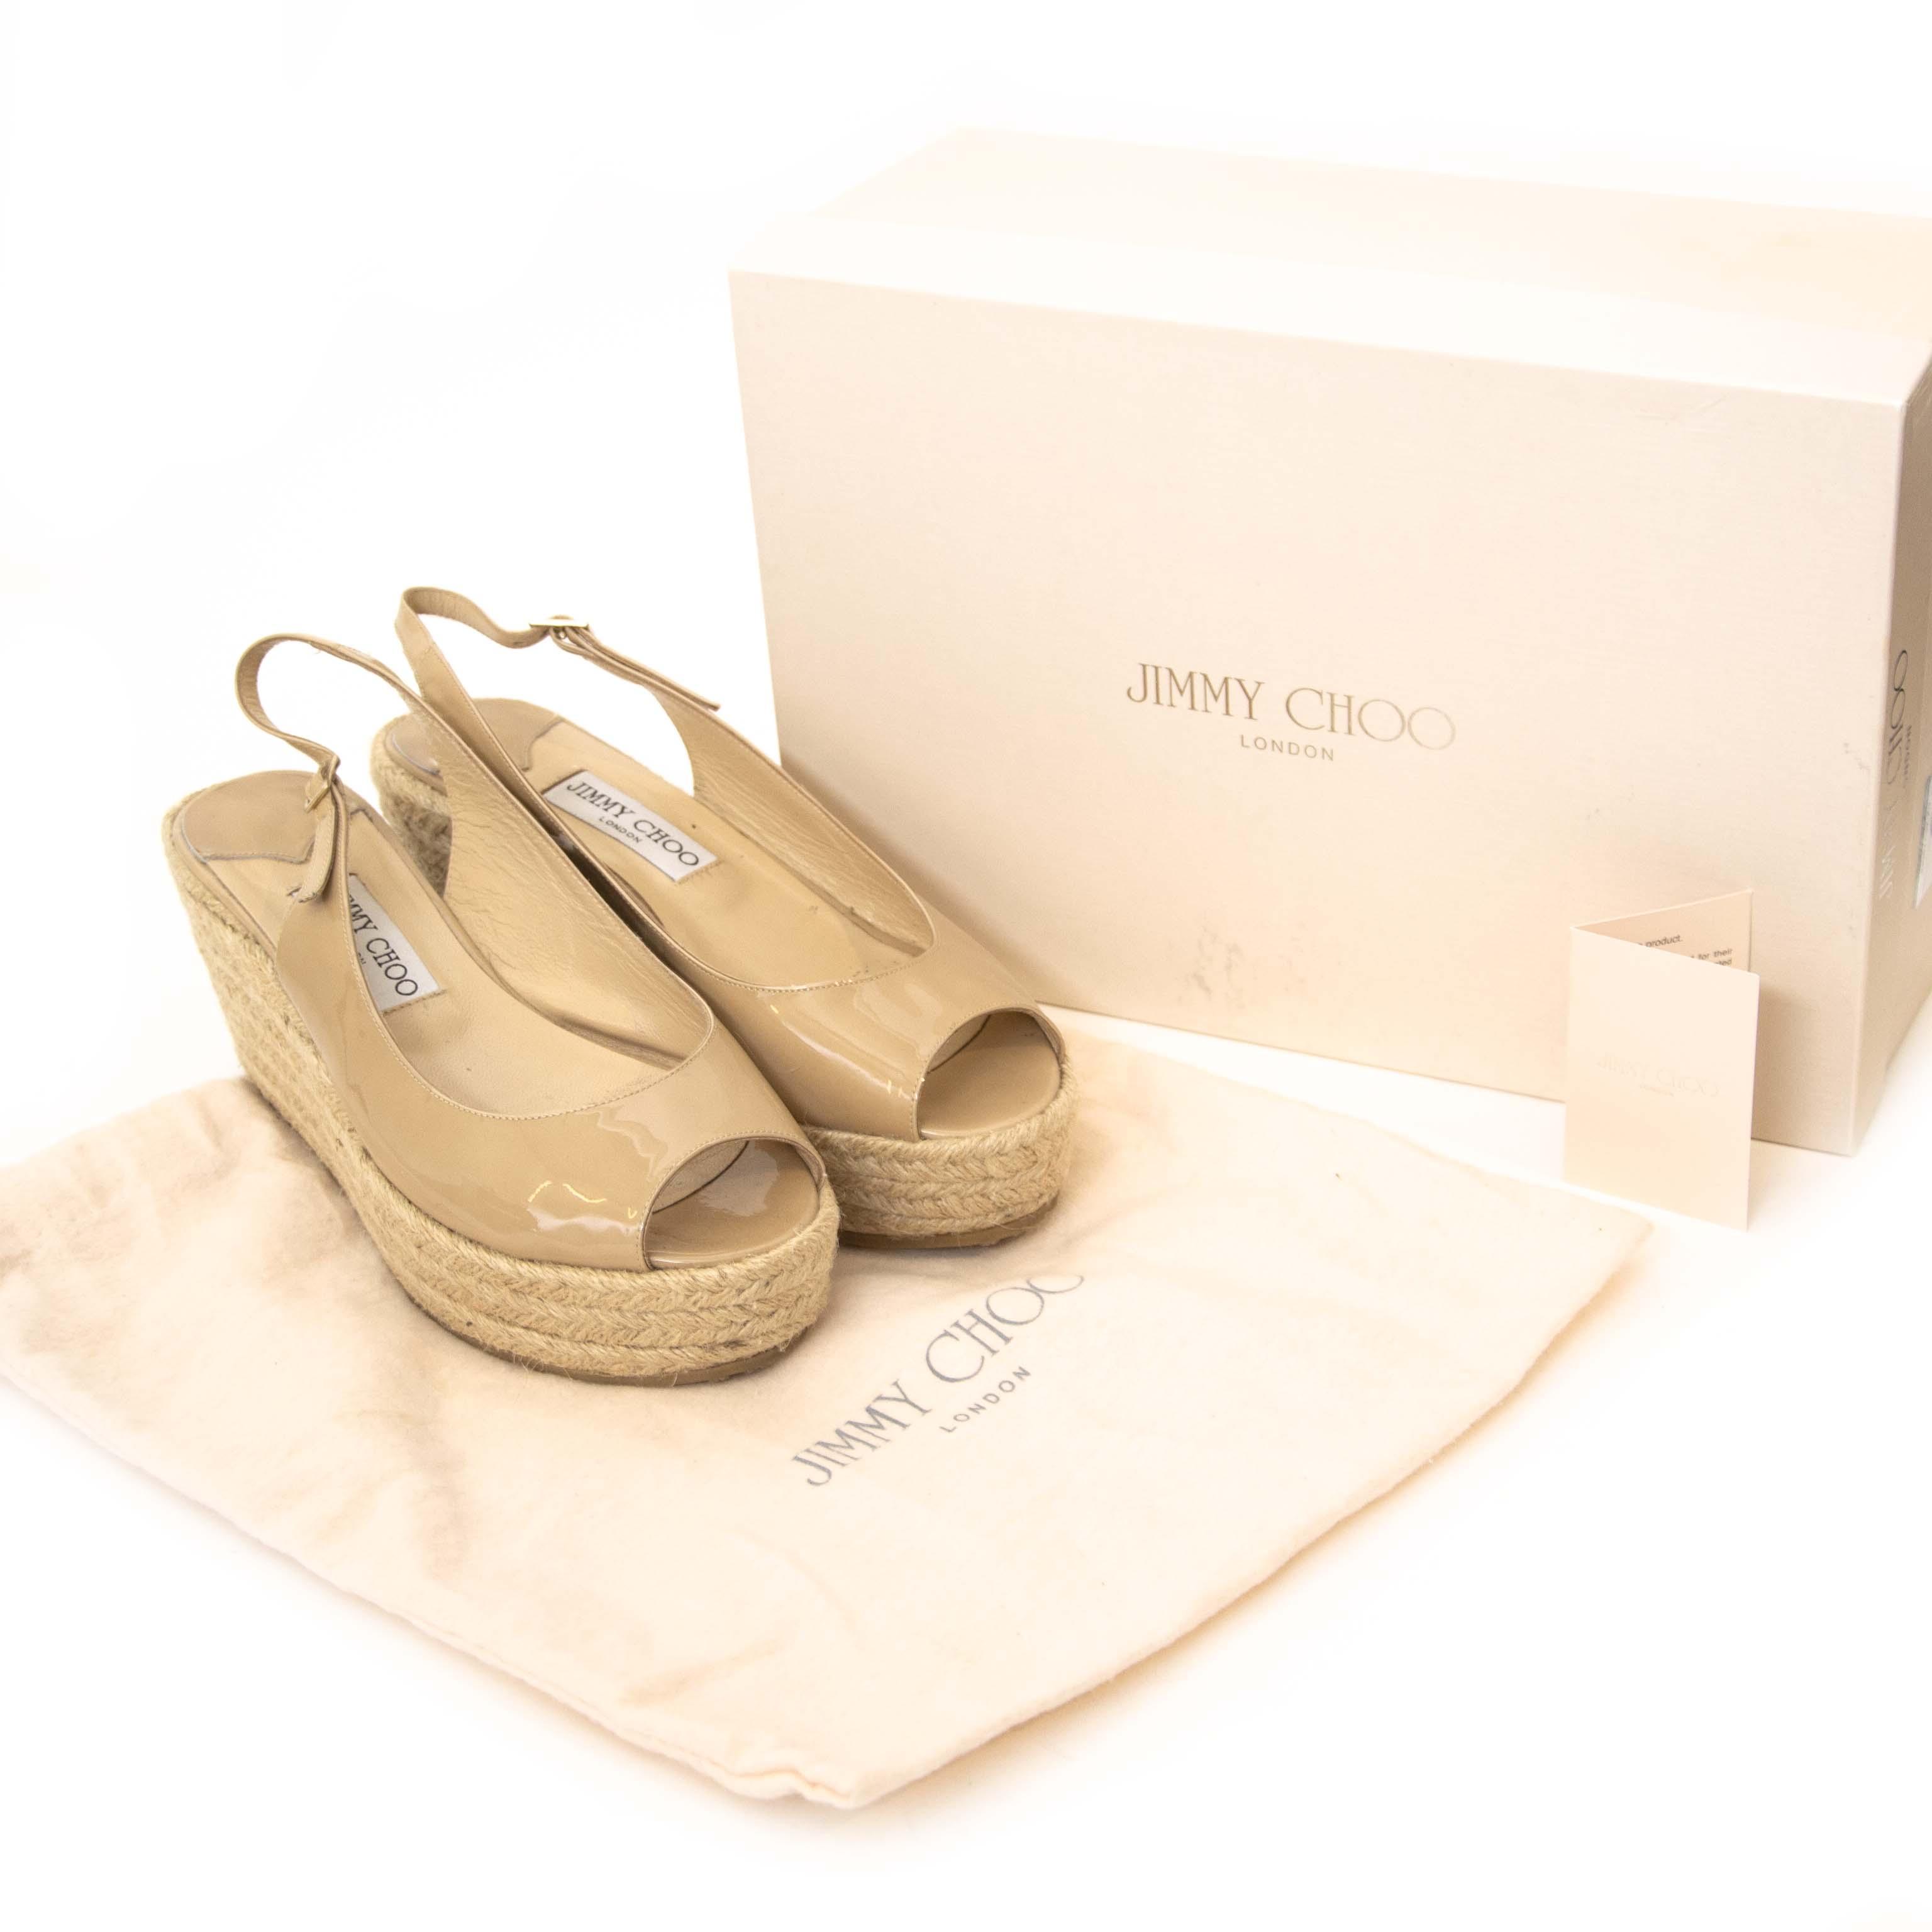 Koop Jimmy Choo schoenen aan de juiste prijs bij LabelLOV webshop